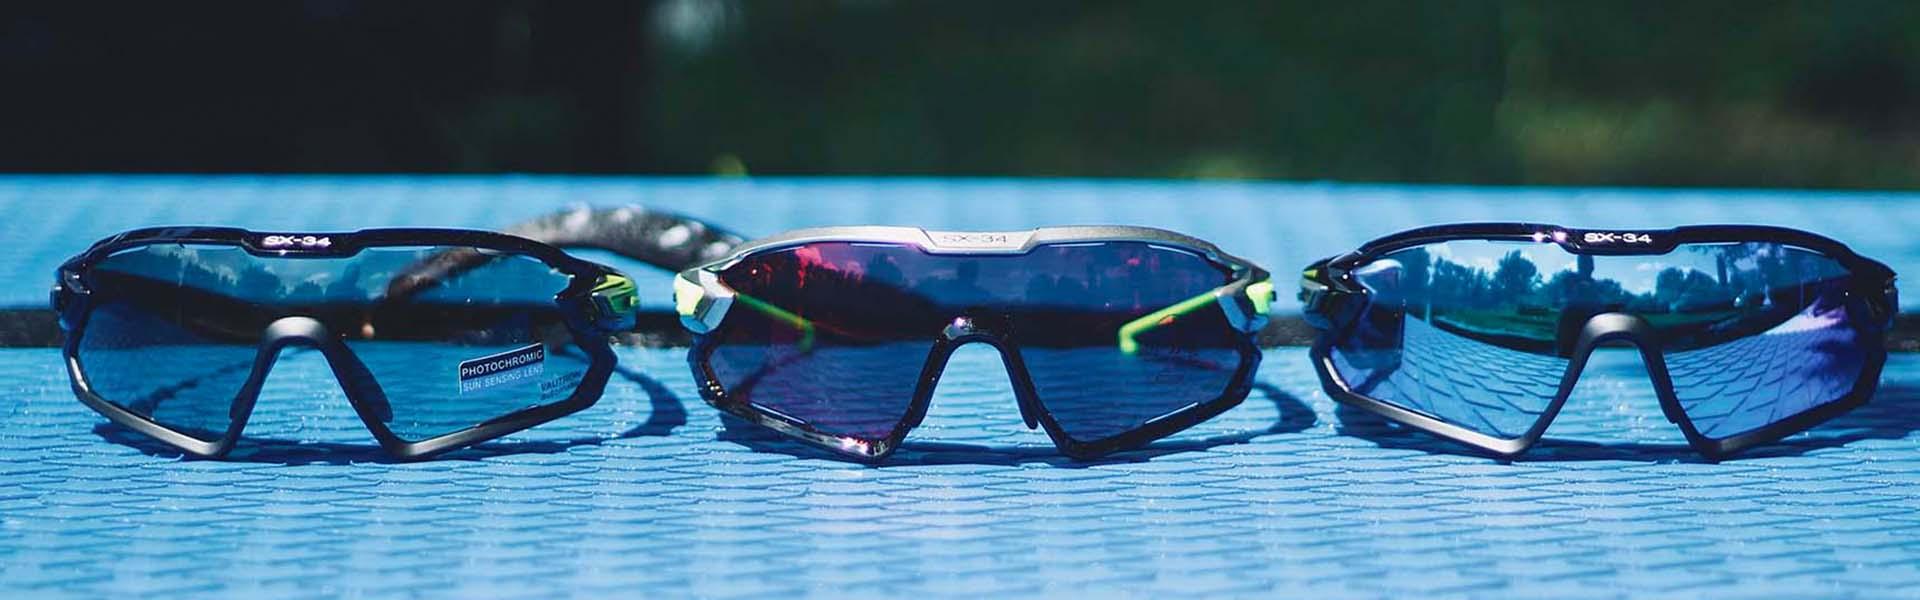 Funkcionális szemüveg sportoláshoz kifejlesztve: Casco SX-34 sportszemüveg